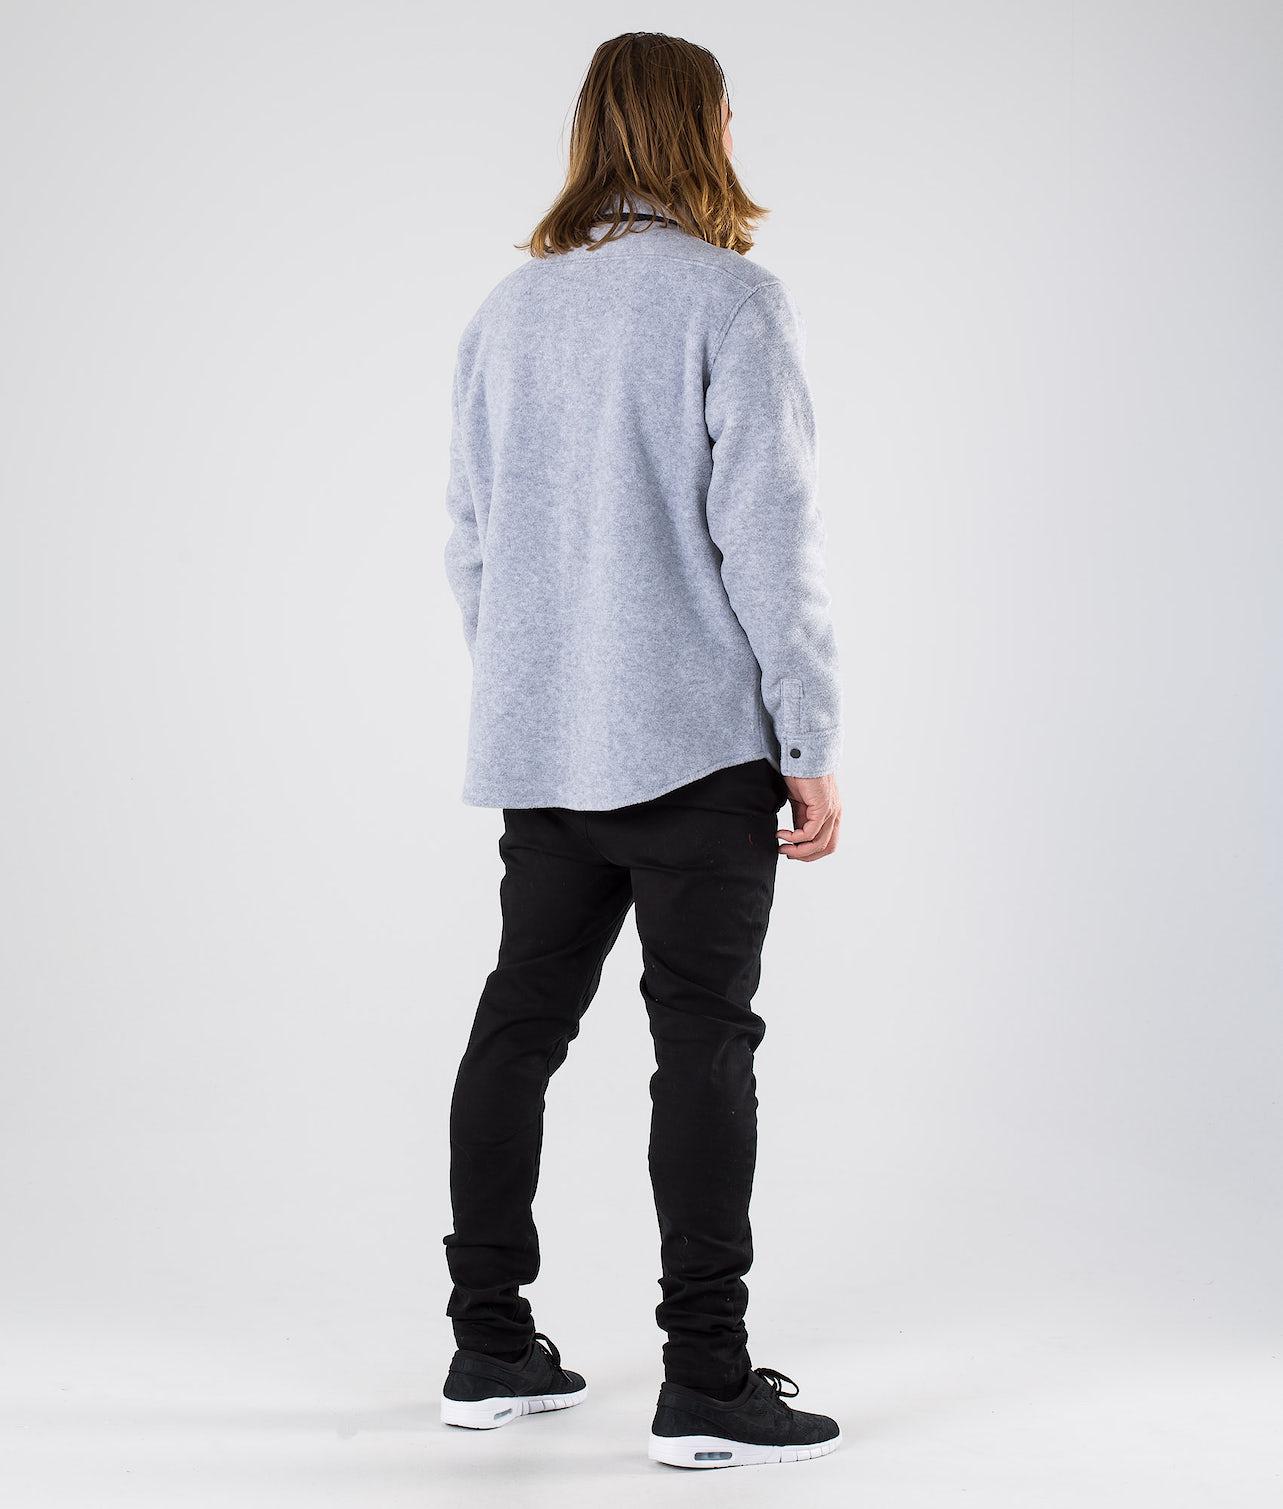 Kjøp Hearth Fleece Skjorte fra Burton på Ridestore.no - Hos oss har du alltid fri frakt, fri retur og 30 dagers åpent kjøp!